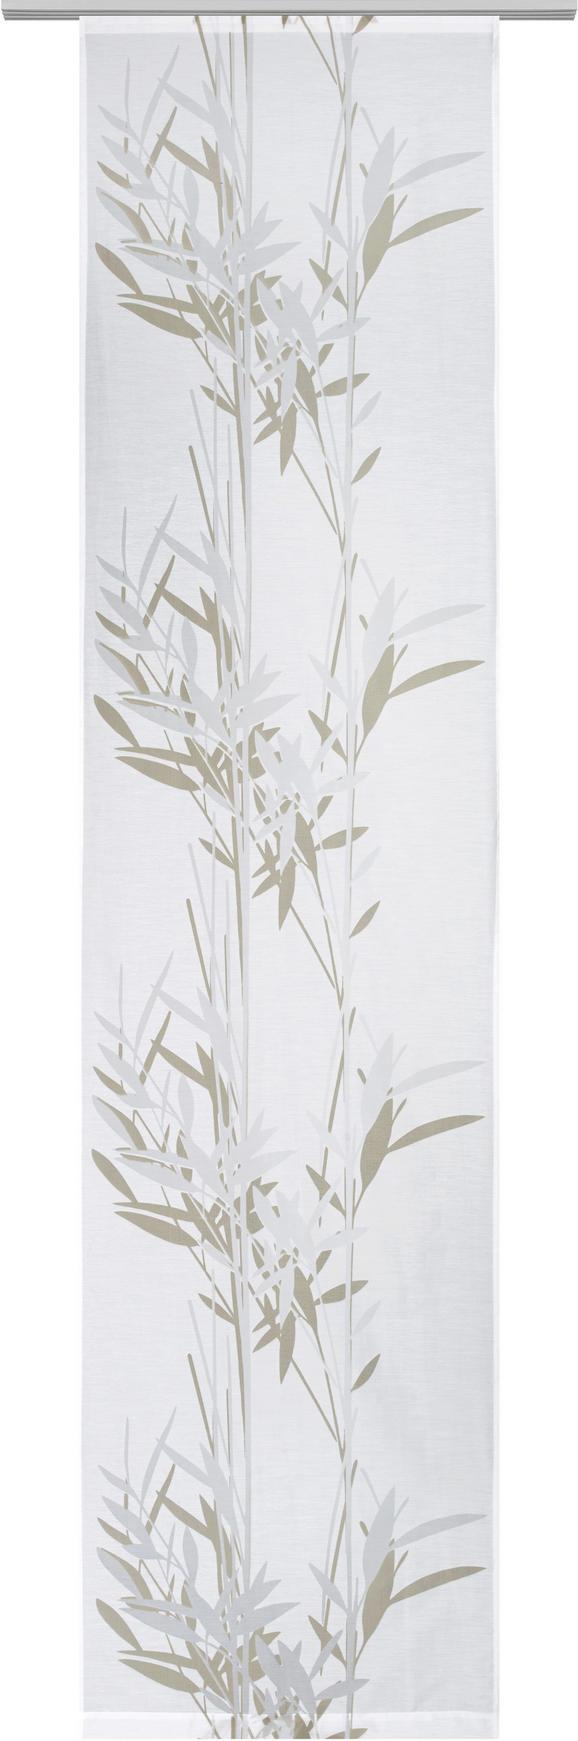 Lapfüggöny Fehér/barnásszürke Színű - Fehér, modern, Textil (60/245cm) - Mömax modern living